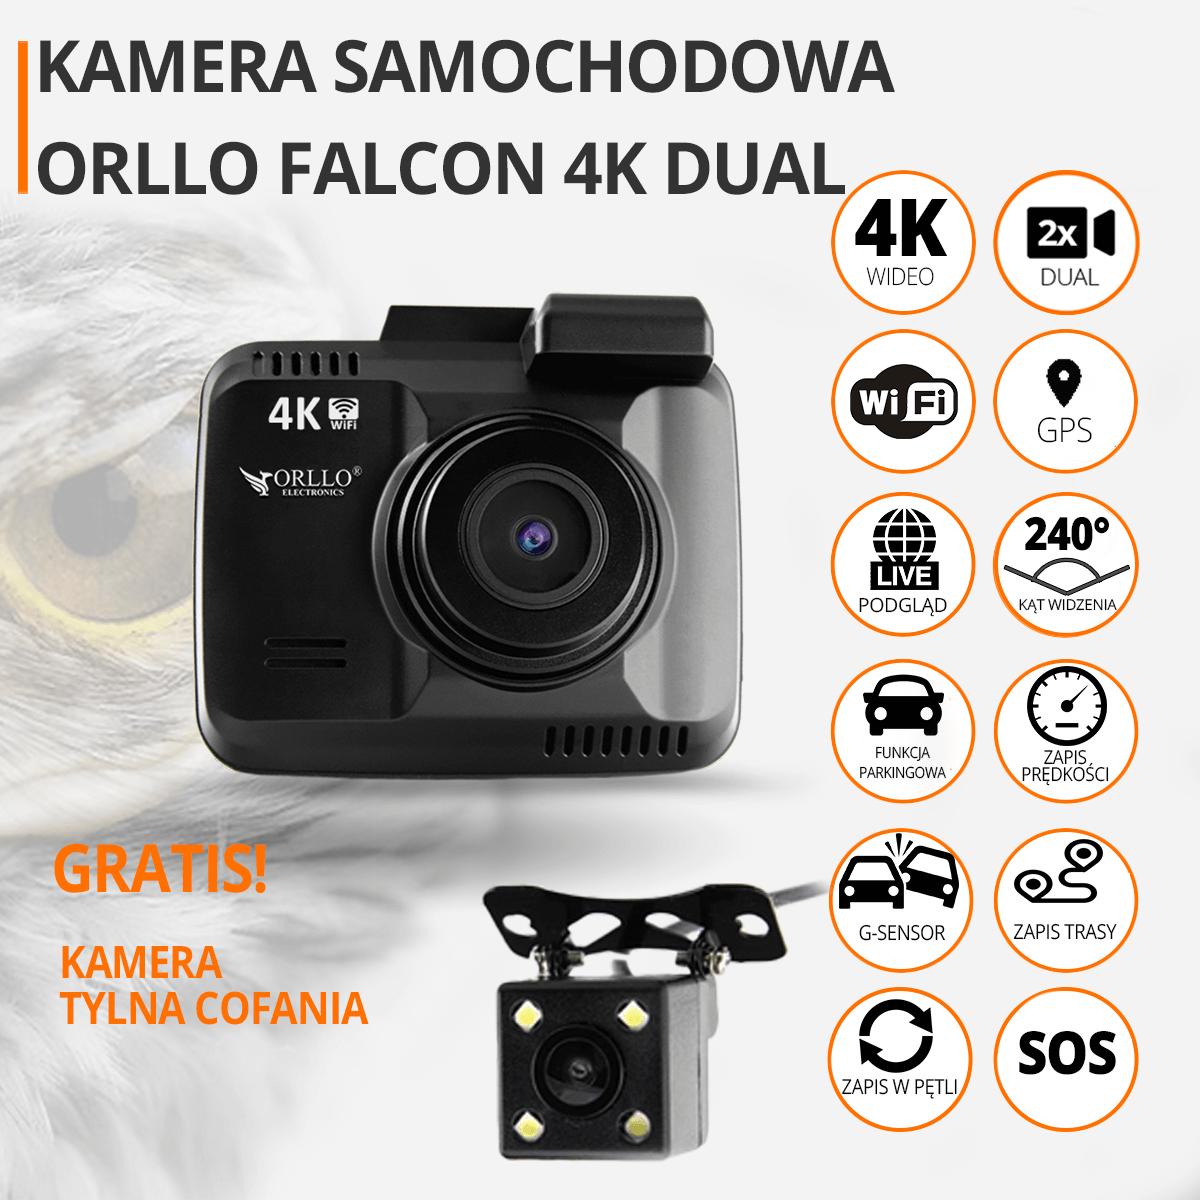 kamerka-samochodowa-falcon-funkcje-orllo-pl